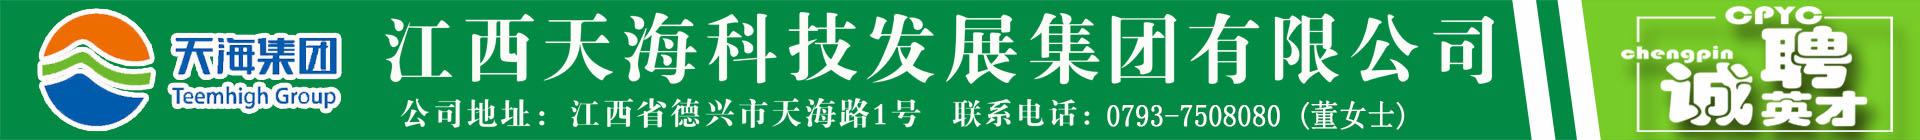 江西天海科技发展集团有限公司